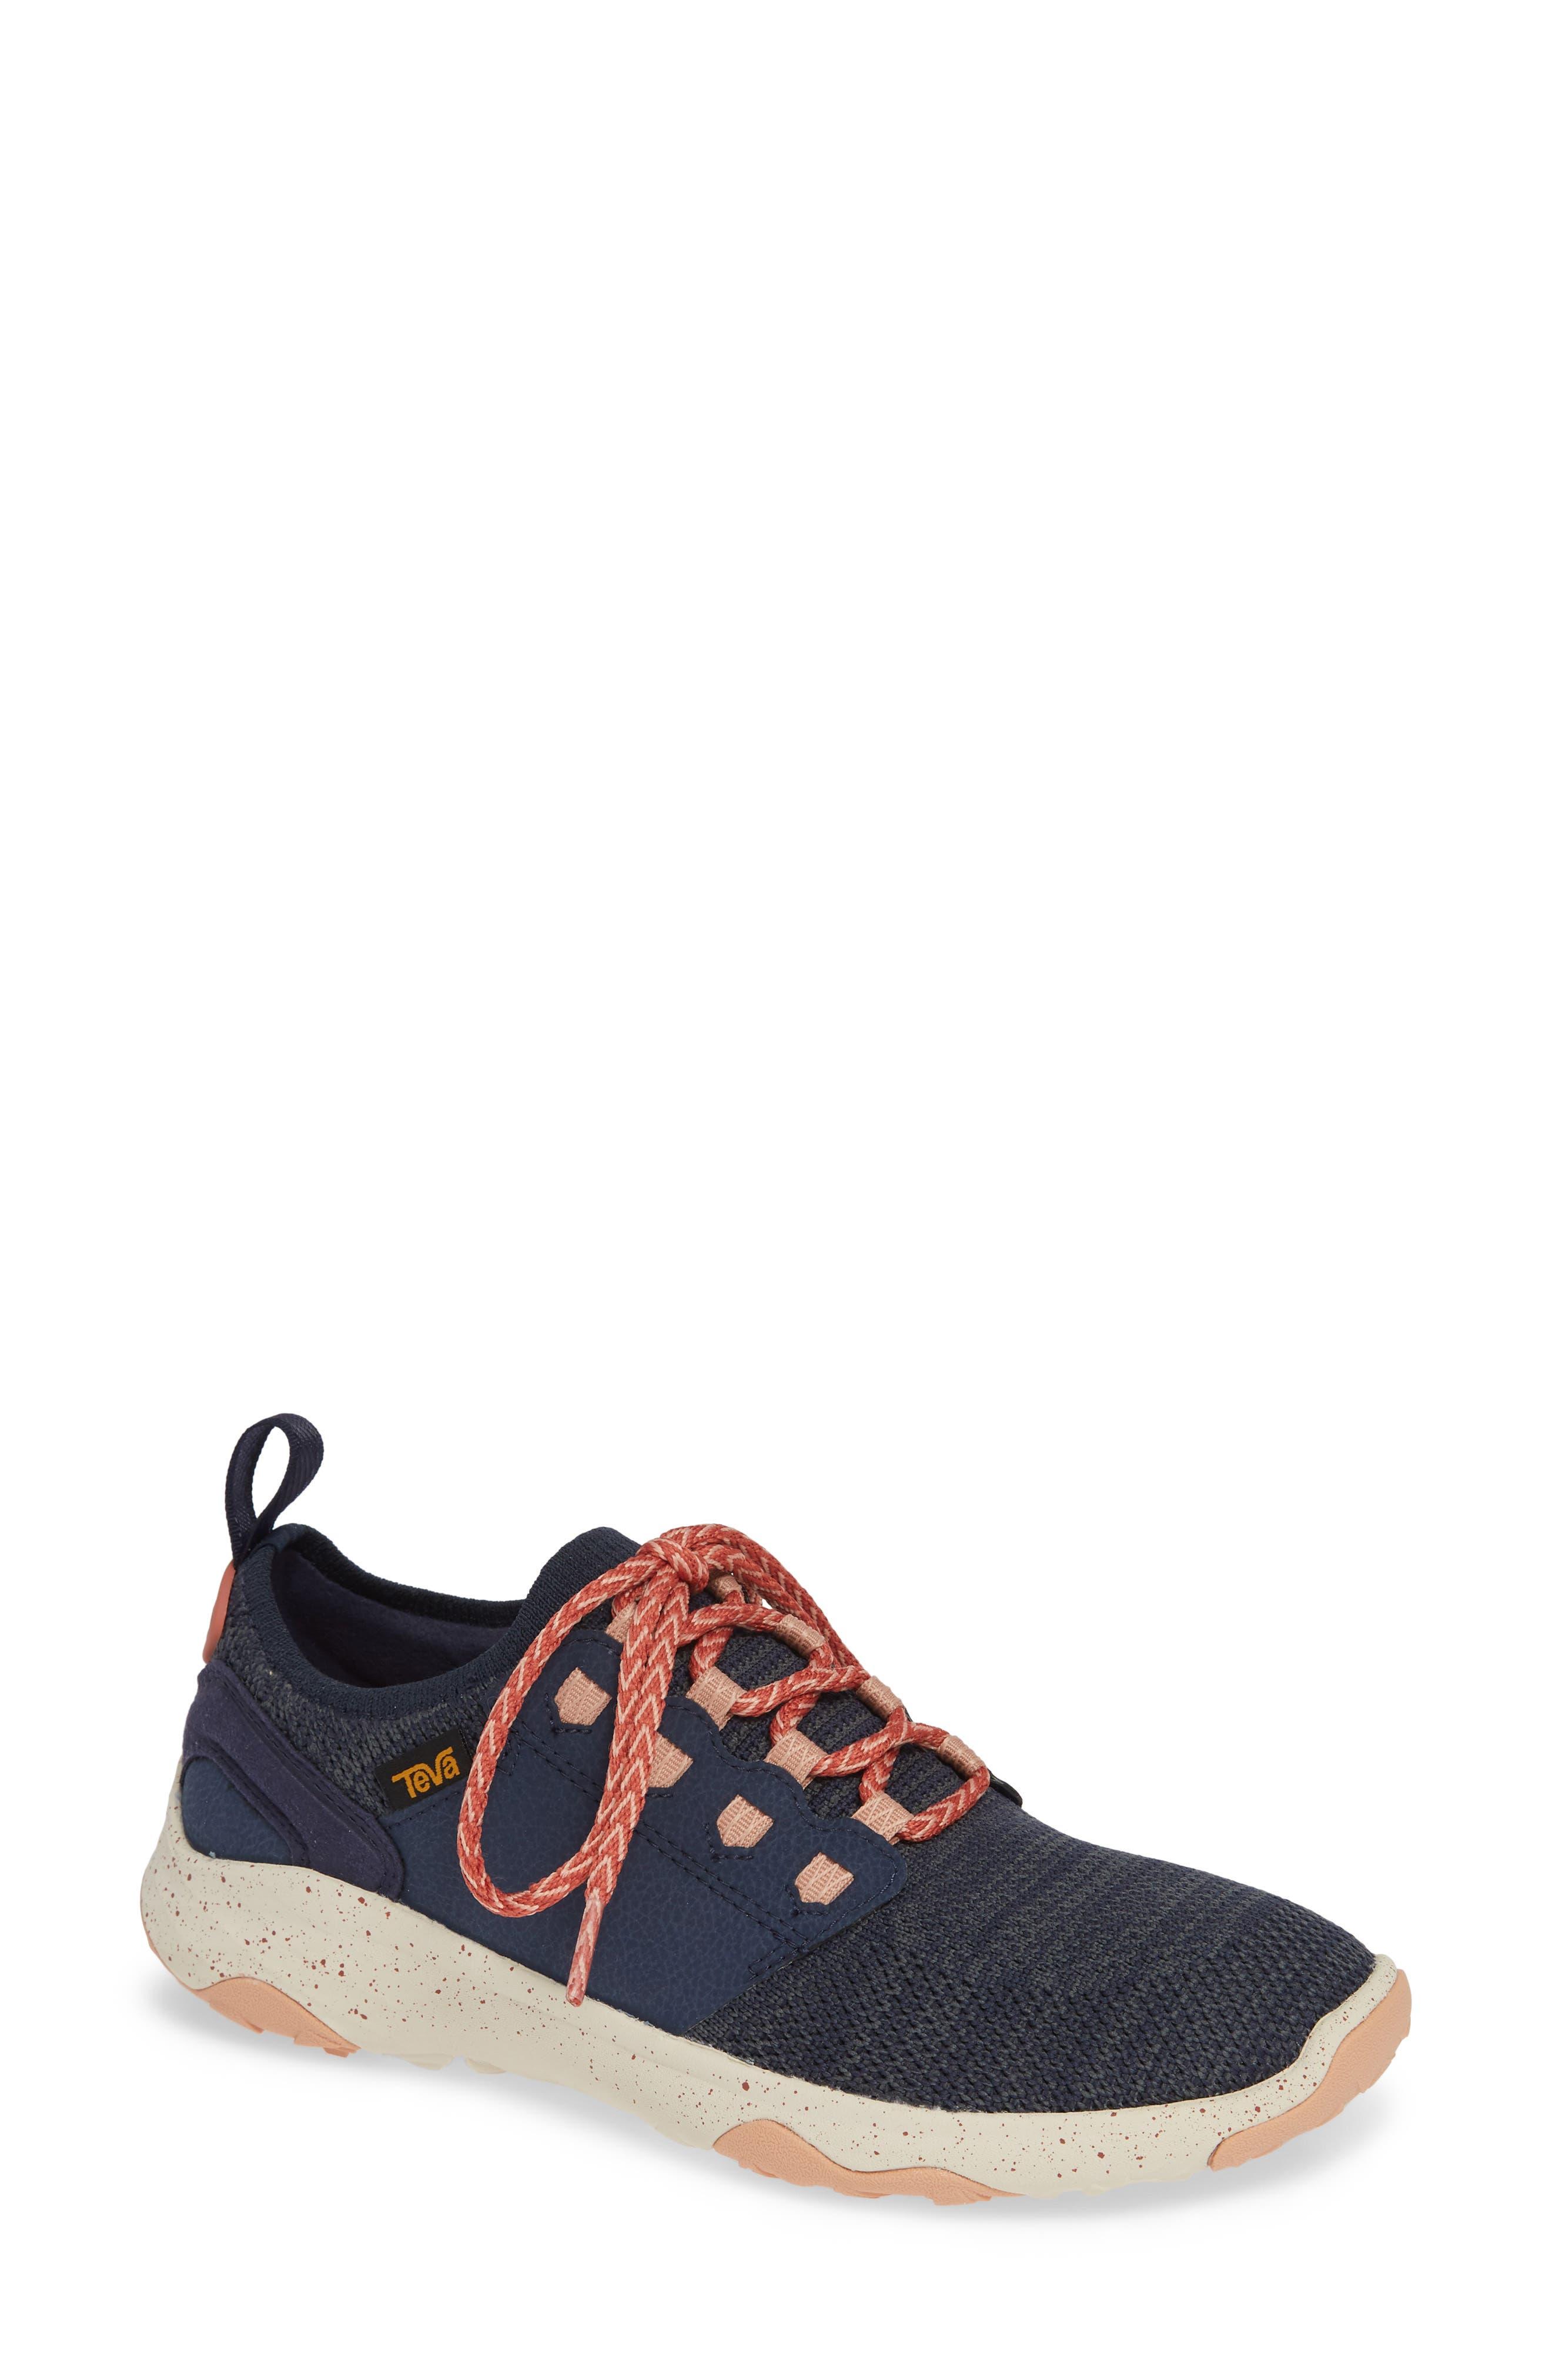 7a01cd30d Teva Arrowood 2 Waterproof Knit Sneaker